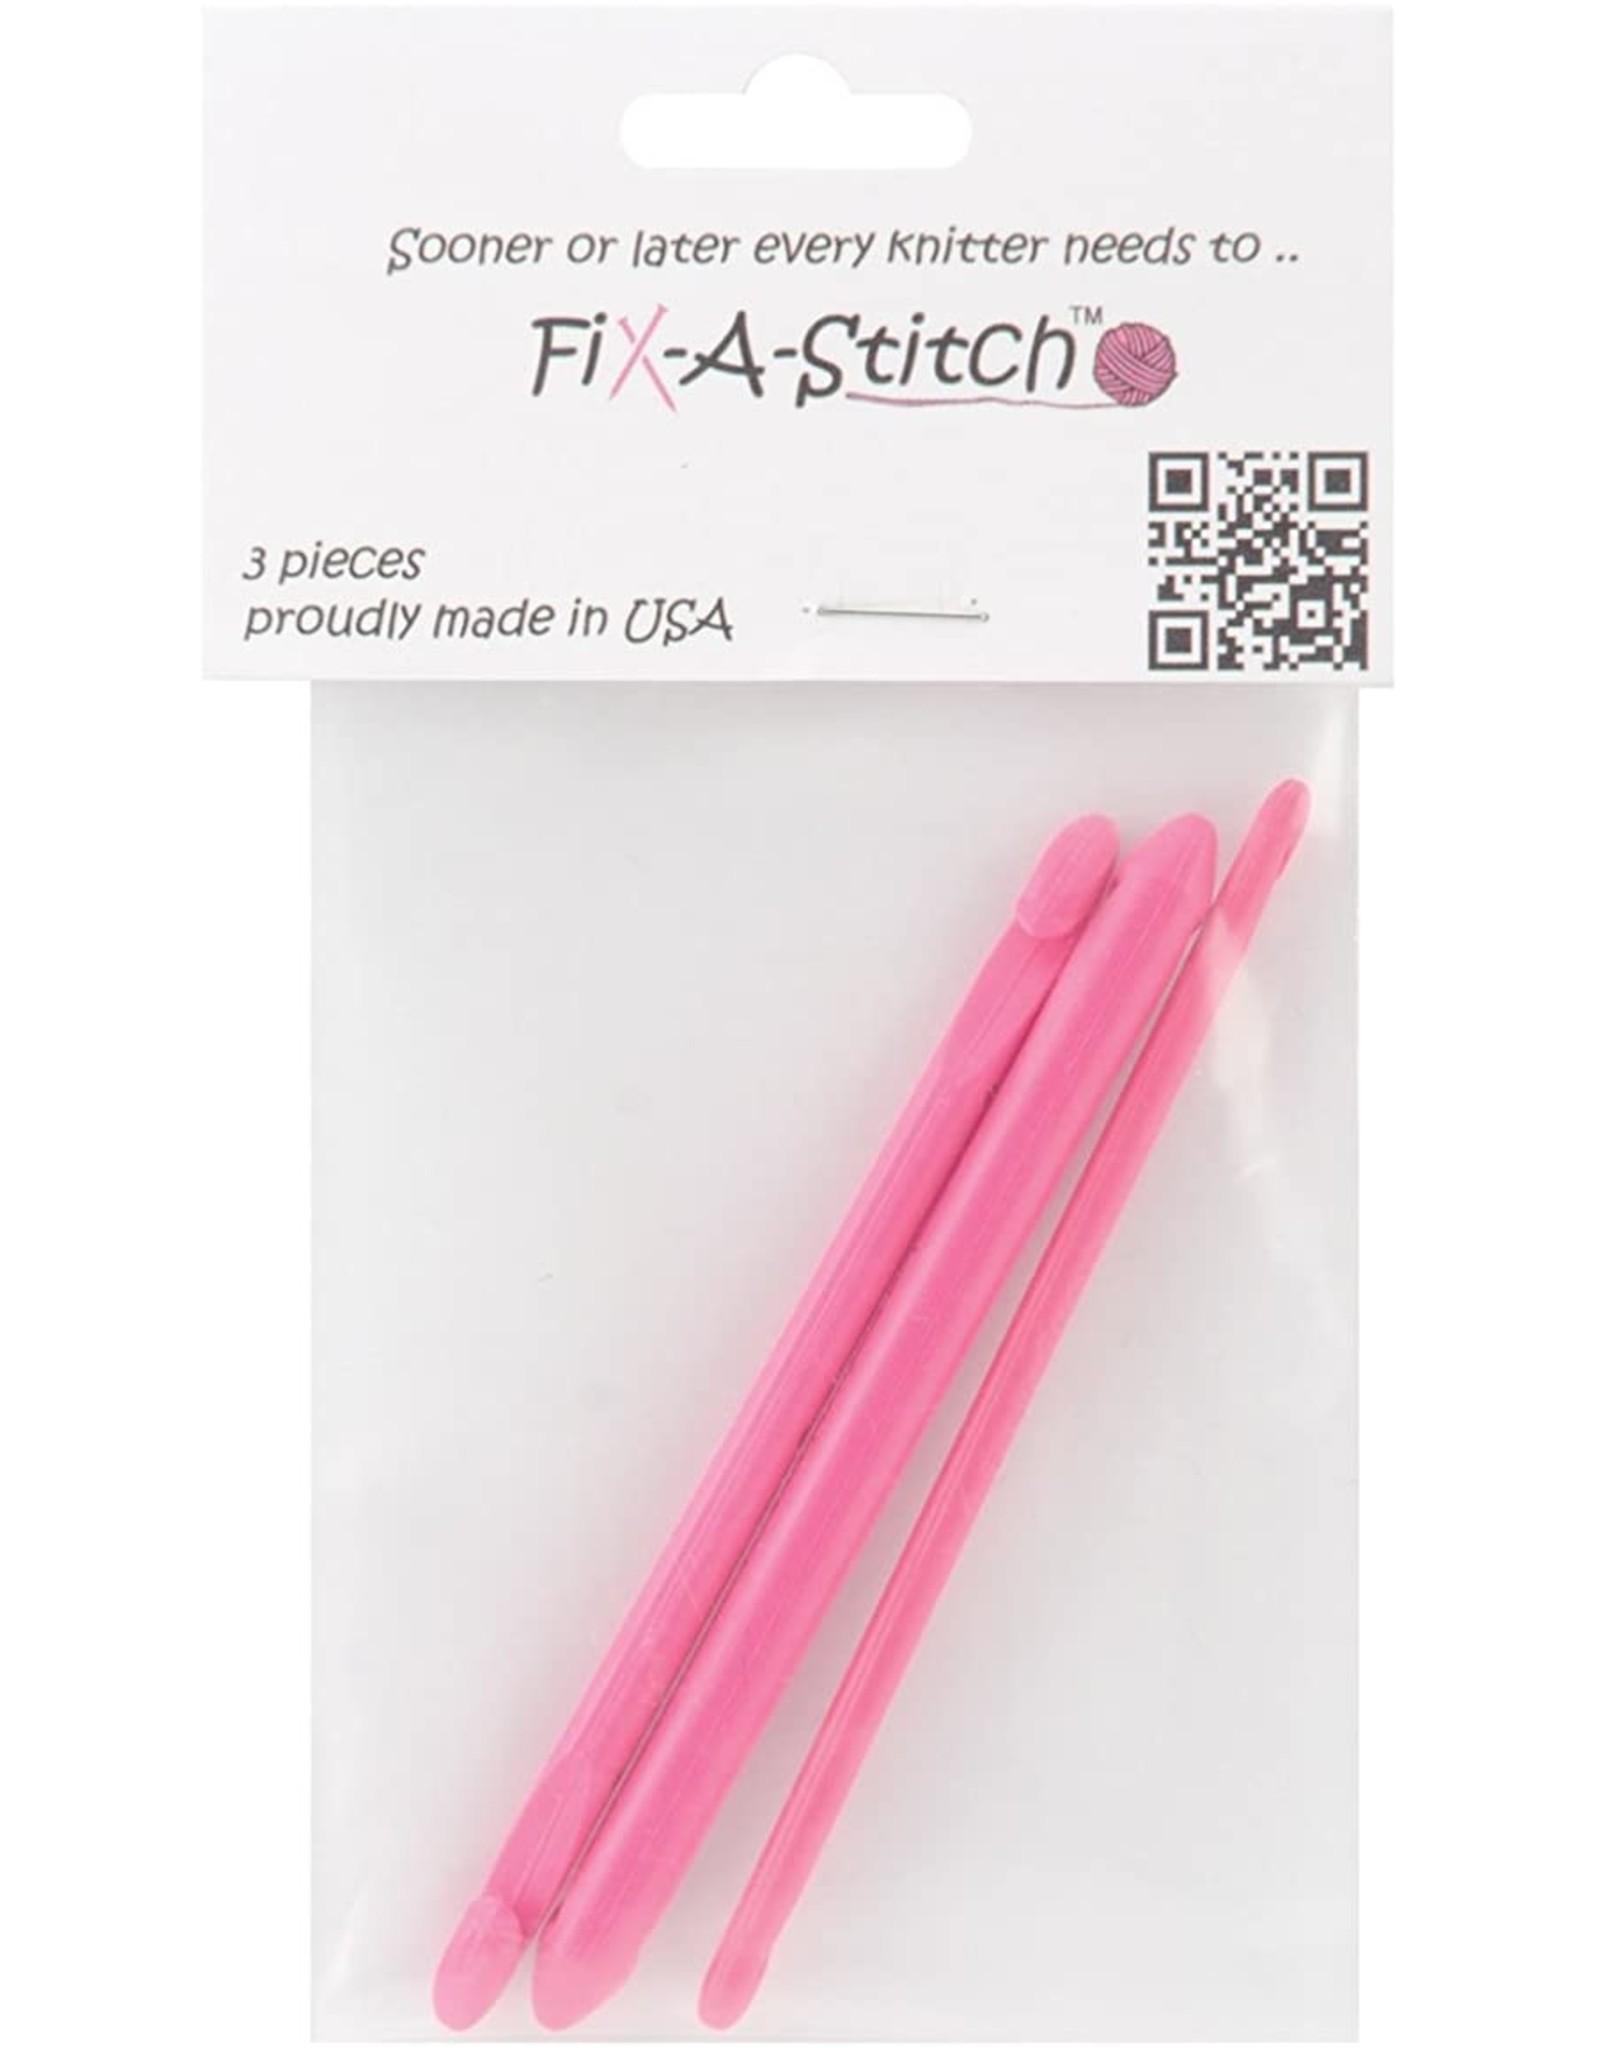 Fix-A-Stitch Fix-A-Stitch